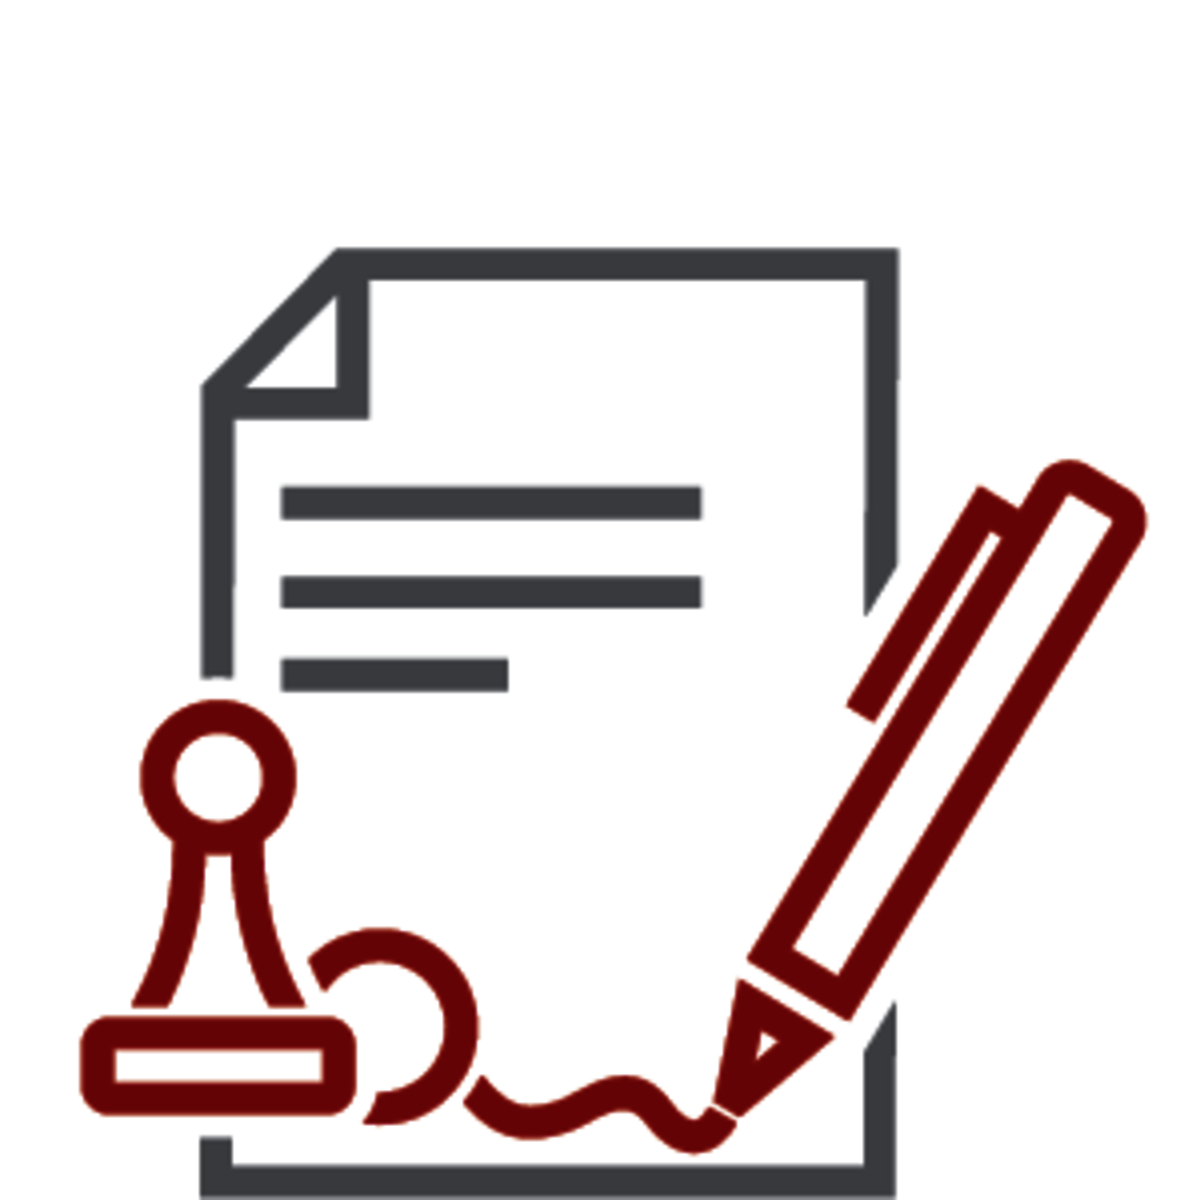 LT Lawtank - Certified translation - Declaration of due care